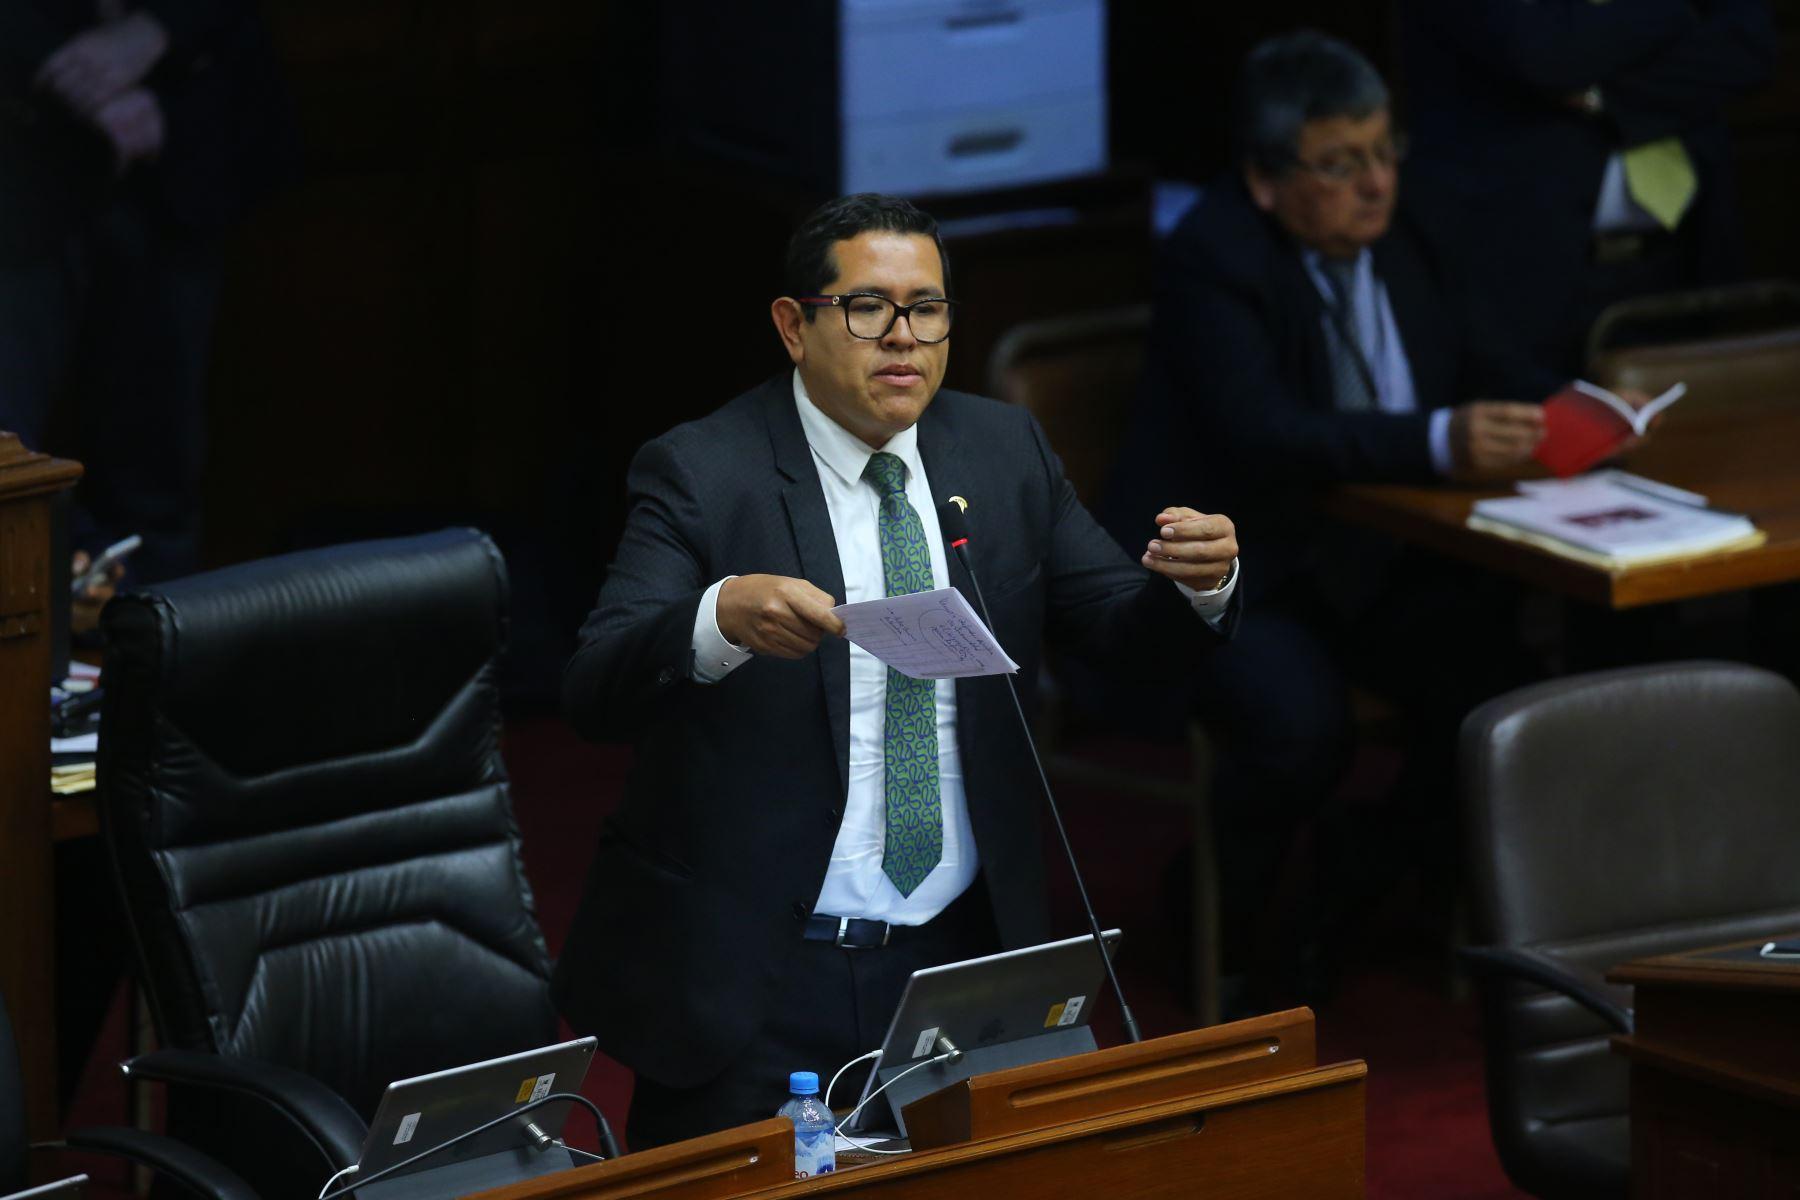 Congresista Carlos Dominguez interviene en el debate sobre la cuestión de confianza en el Congreso de la República. Foto: ANDINA/Vidal Tarqui